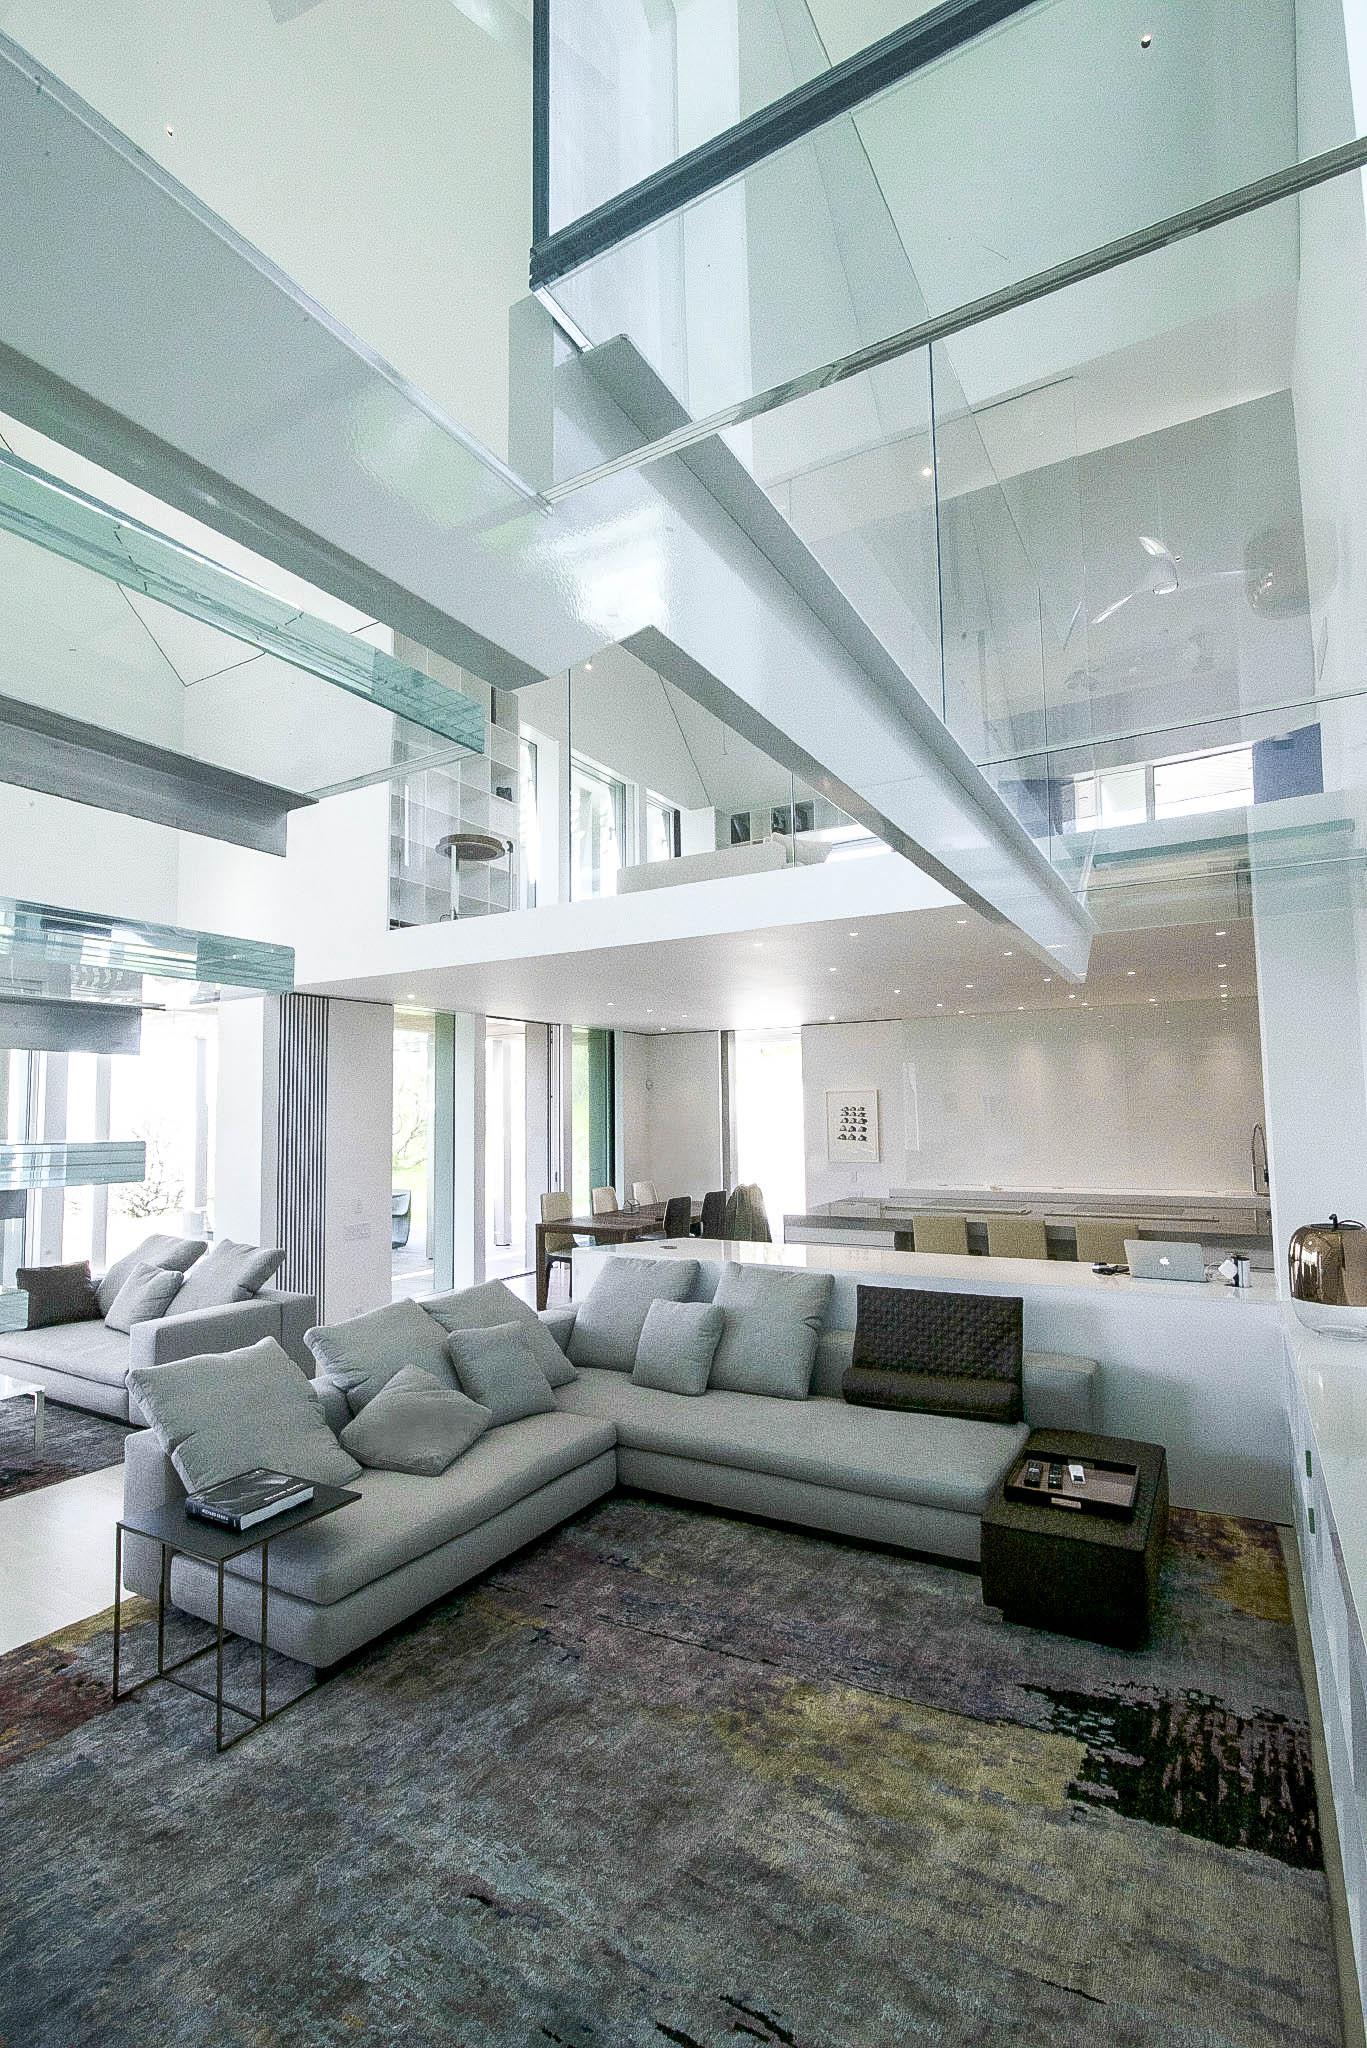 schaeffer living room (1 of 1).jpg